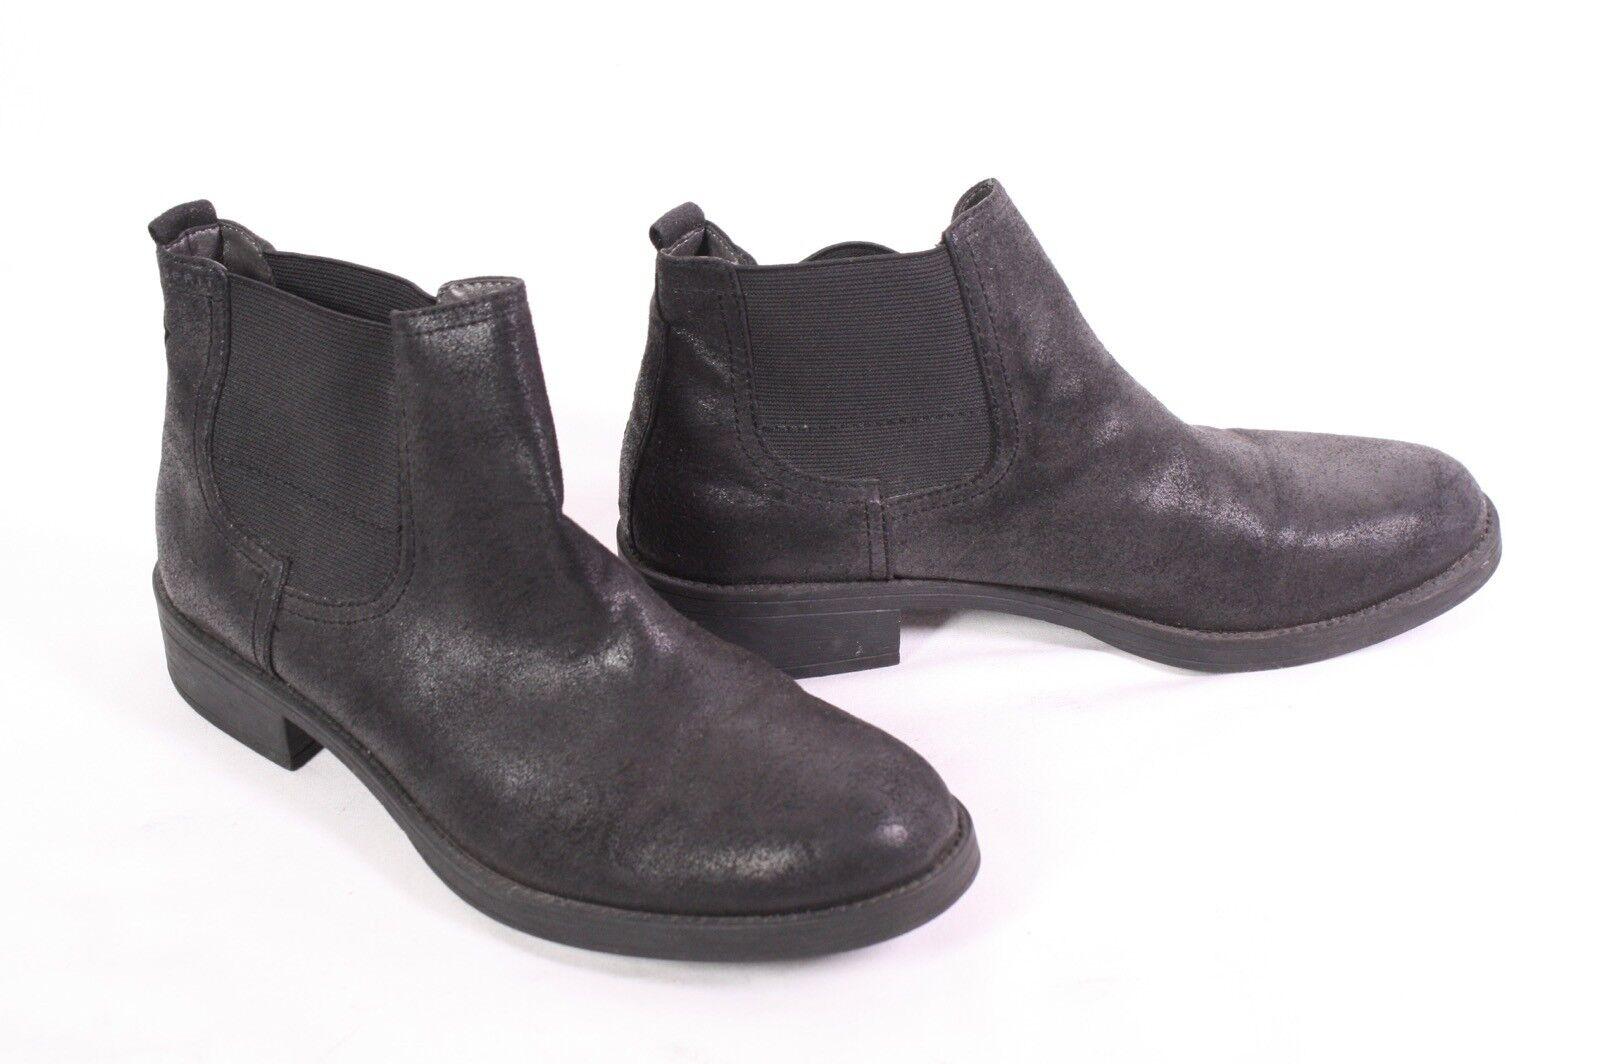 12D Esprit Stiefeletten Chelsea Boots Gr. 38 Kunstleder matt black Profilsohle